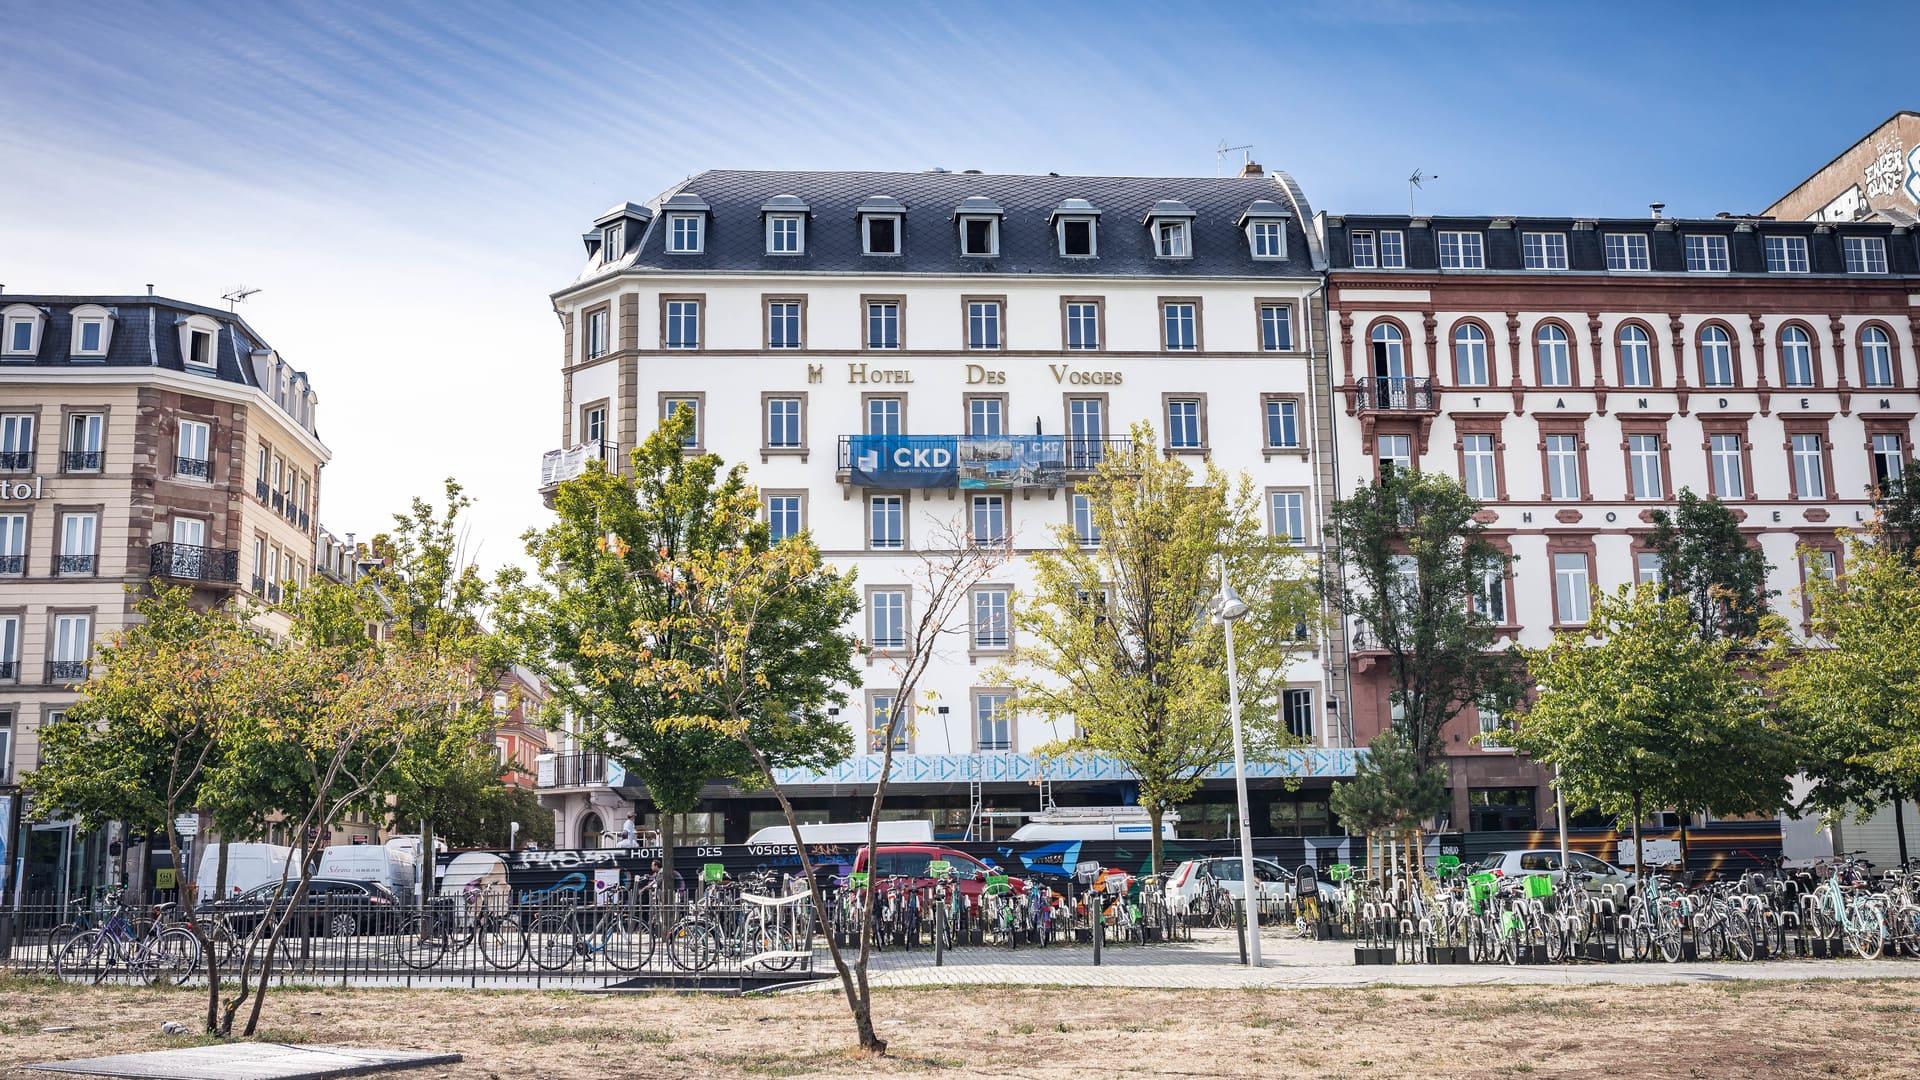 Hôtel des Vosges, renaissance d'une légende